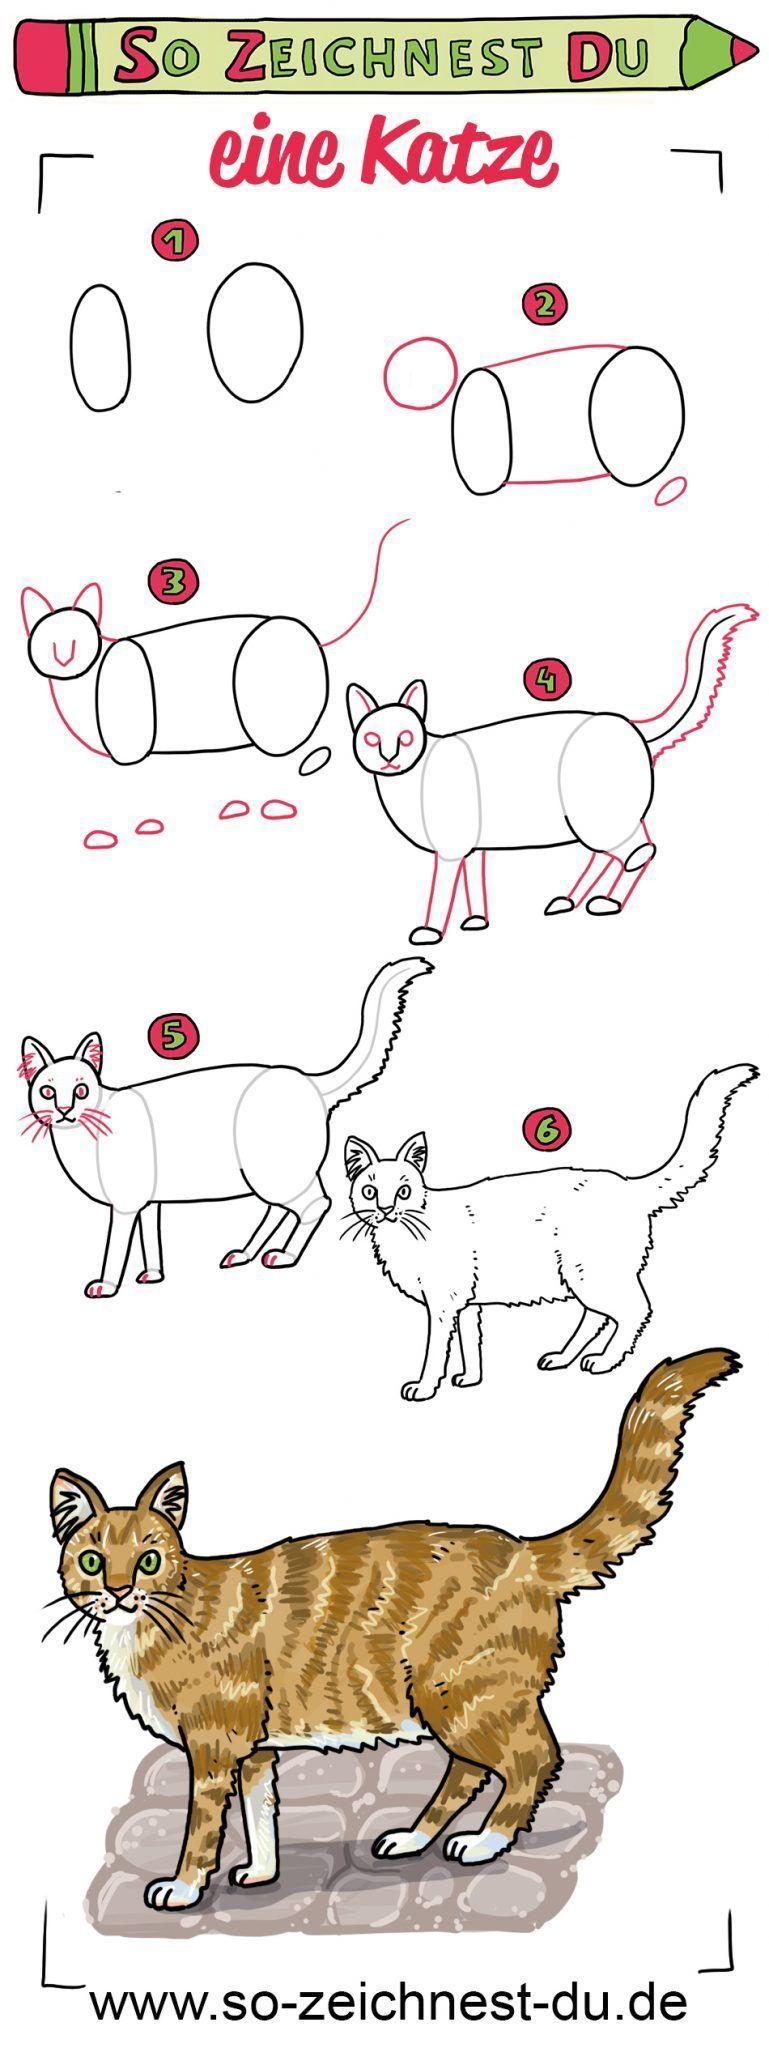 So zeichnest du eine Katze Schritt für Schritt in 2020 ...